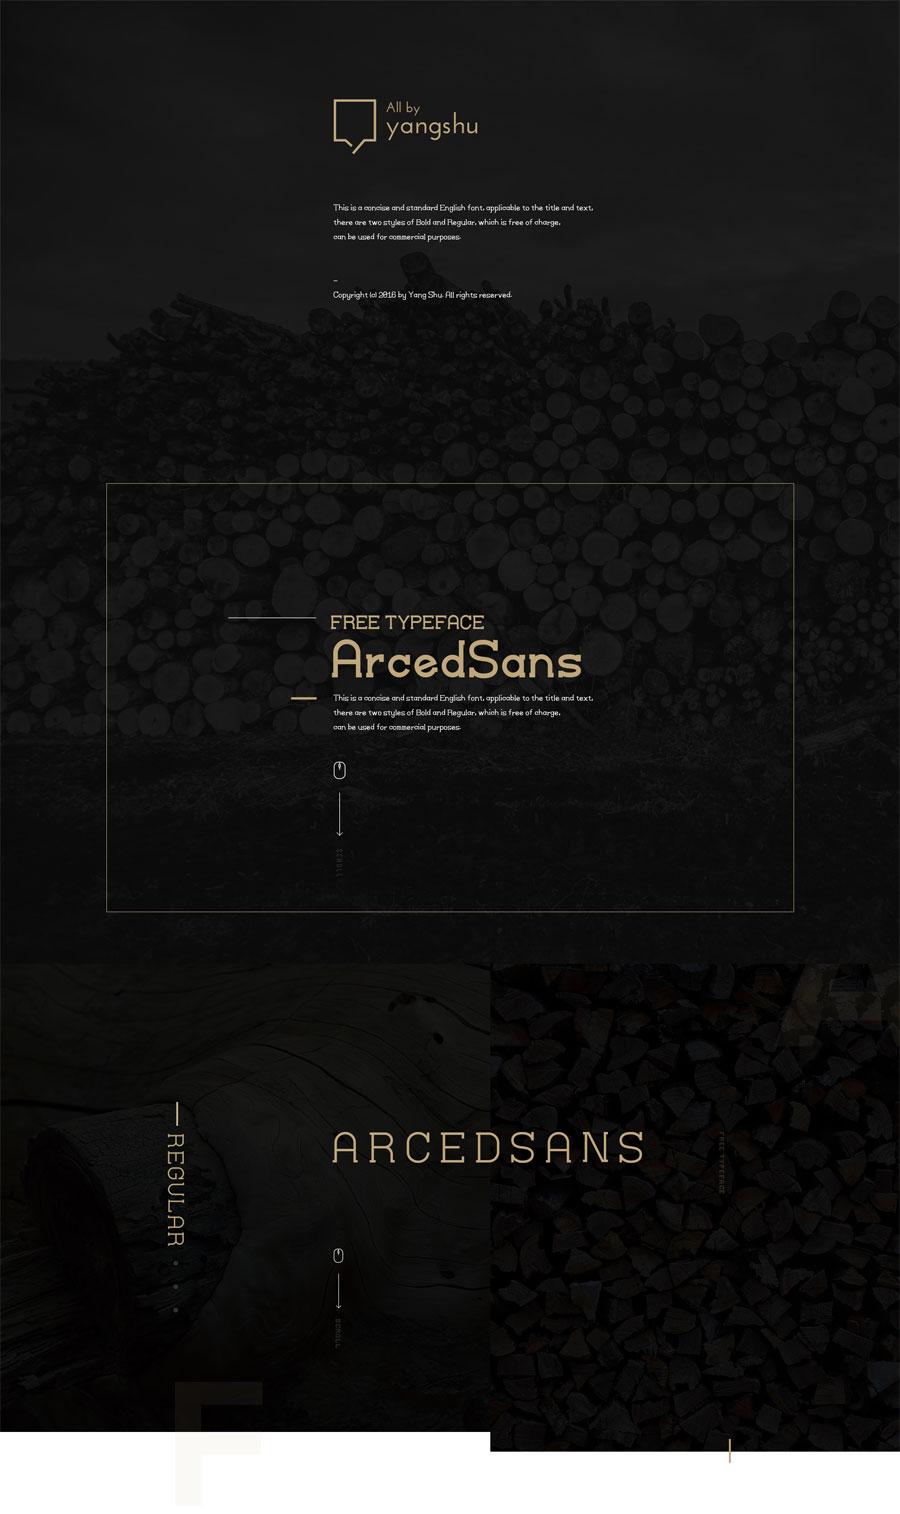 YS-ArcedSans_01